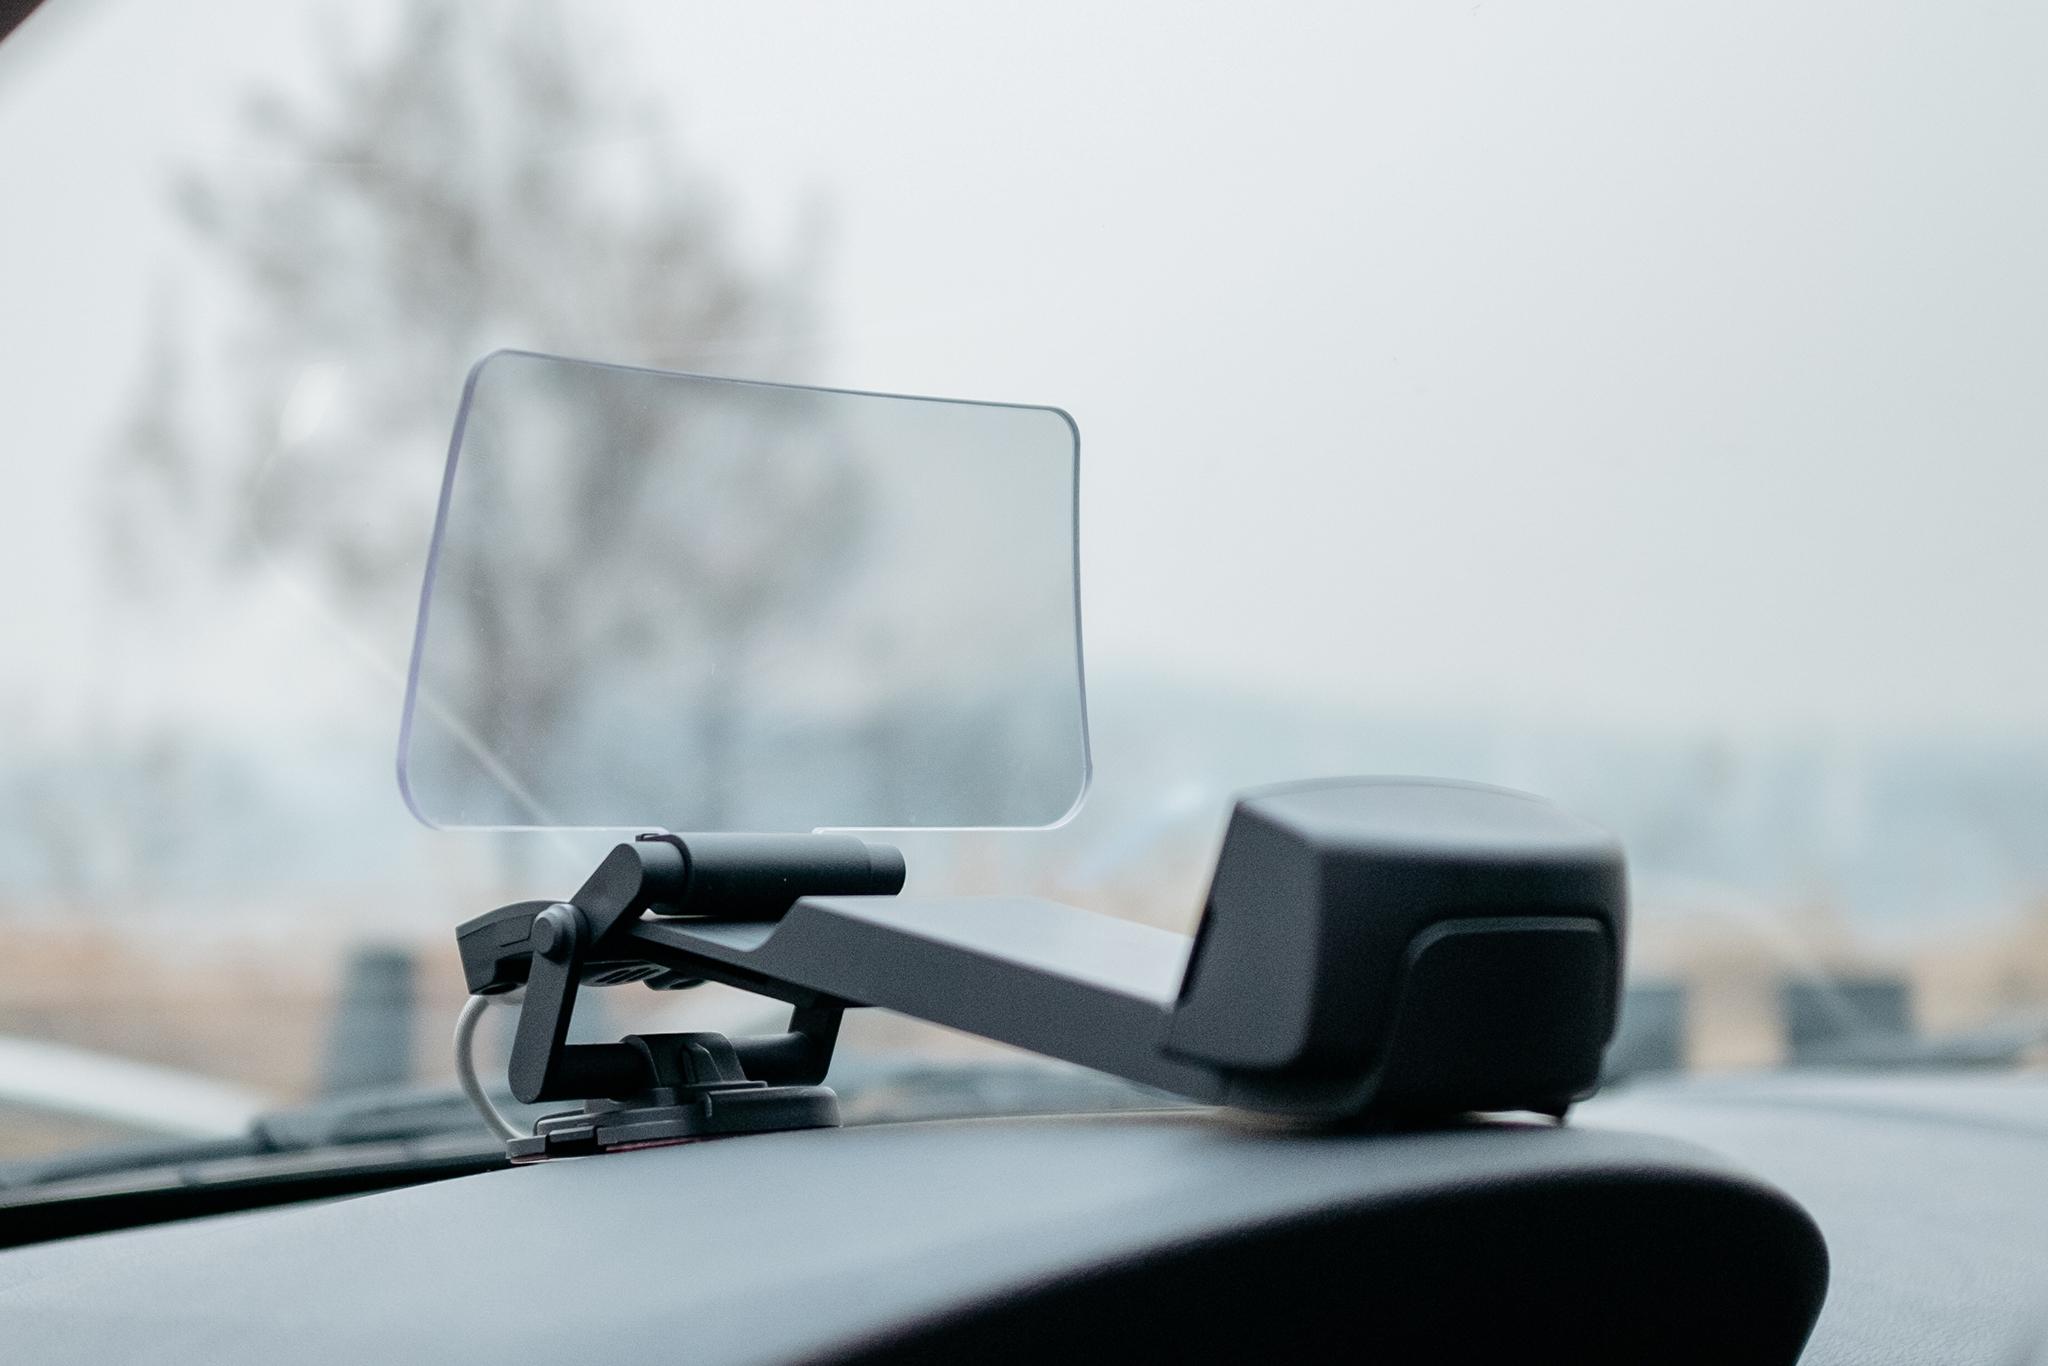 운전자의 시선이 머무는 곳 – Kivic SM HUD 리뷰